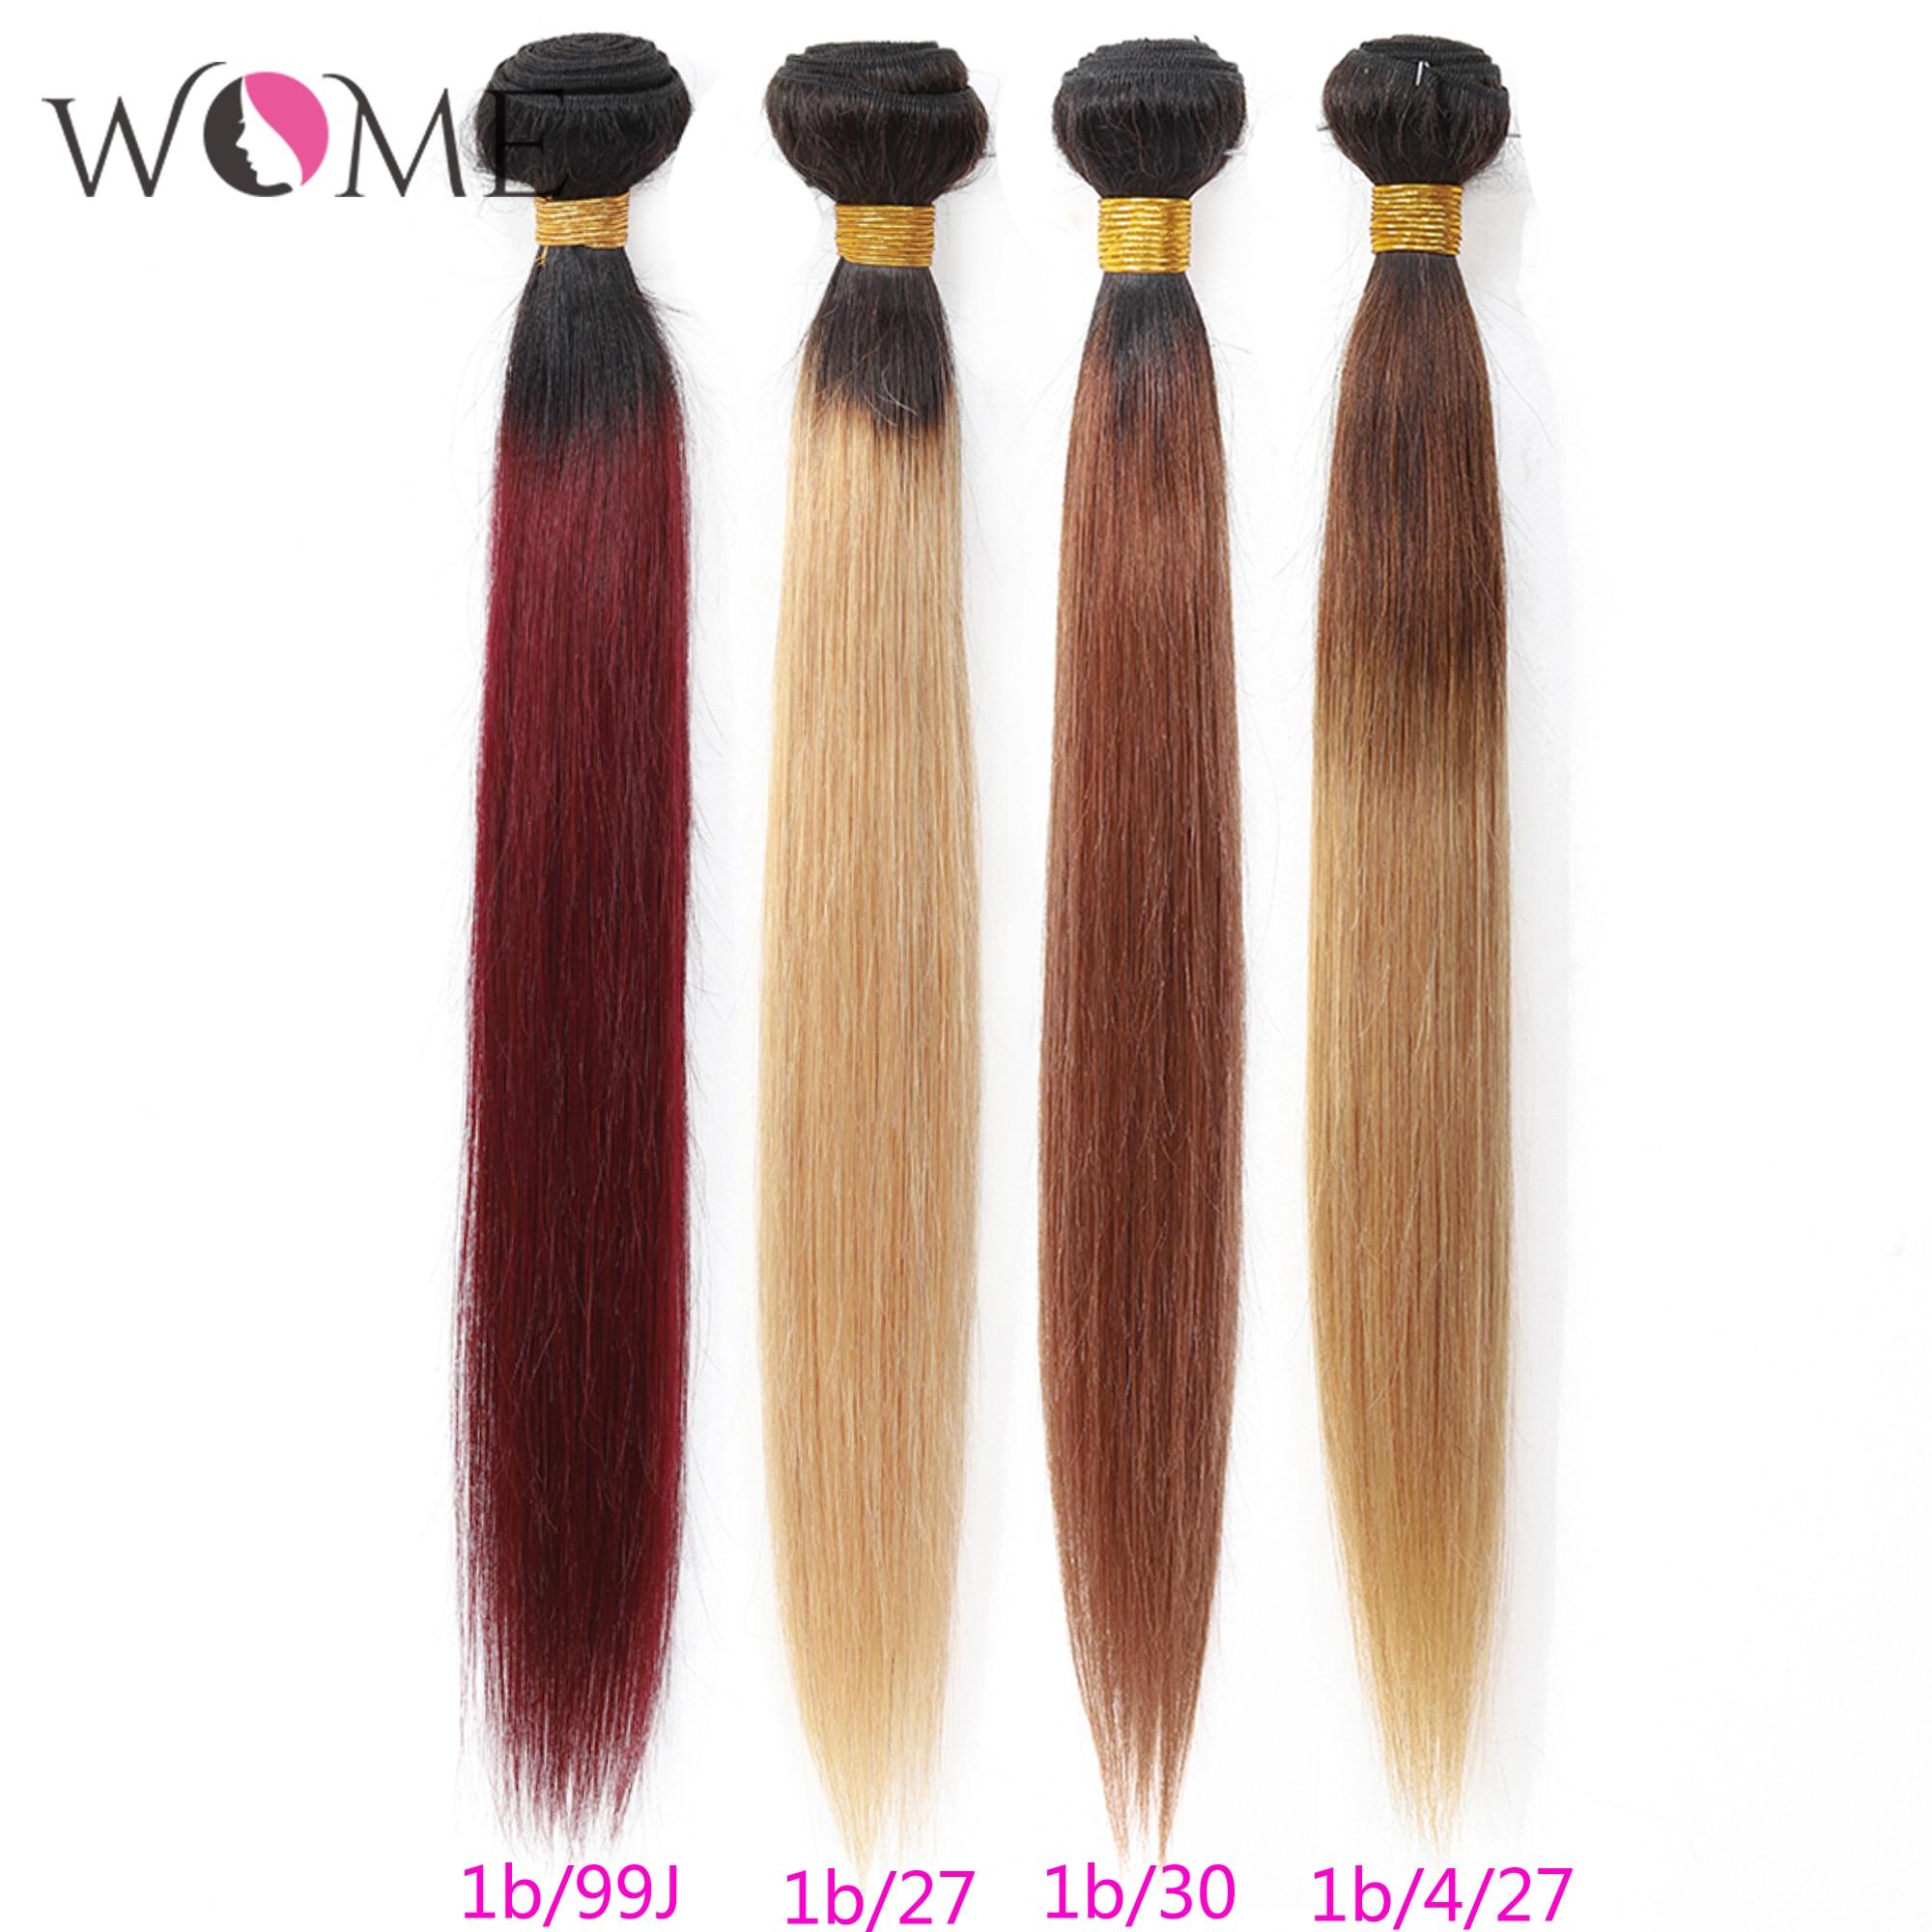 WOME Ombre Straight Hair Bundles Pre-colored 1b/27 1b/30 1b/99j Brazilian Human Hair Bundles 1/3/4pcs Two Tone Non-remy Hair